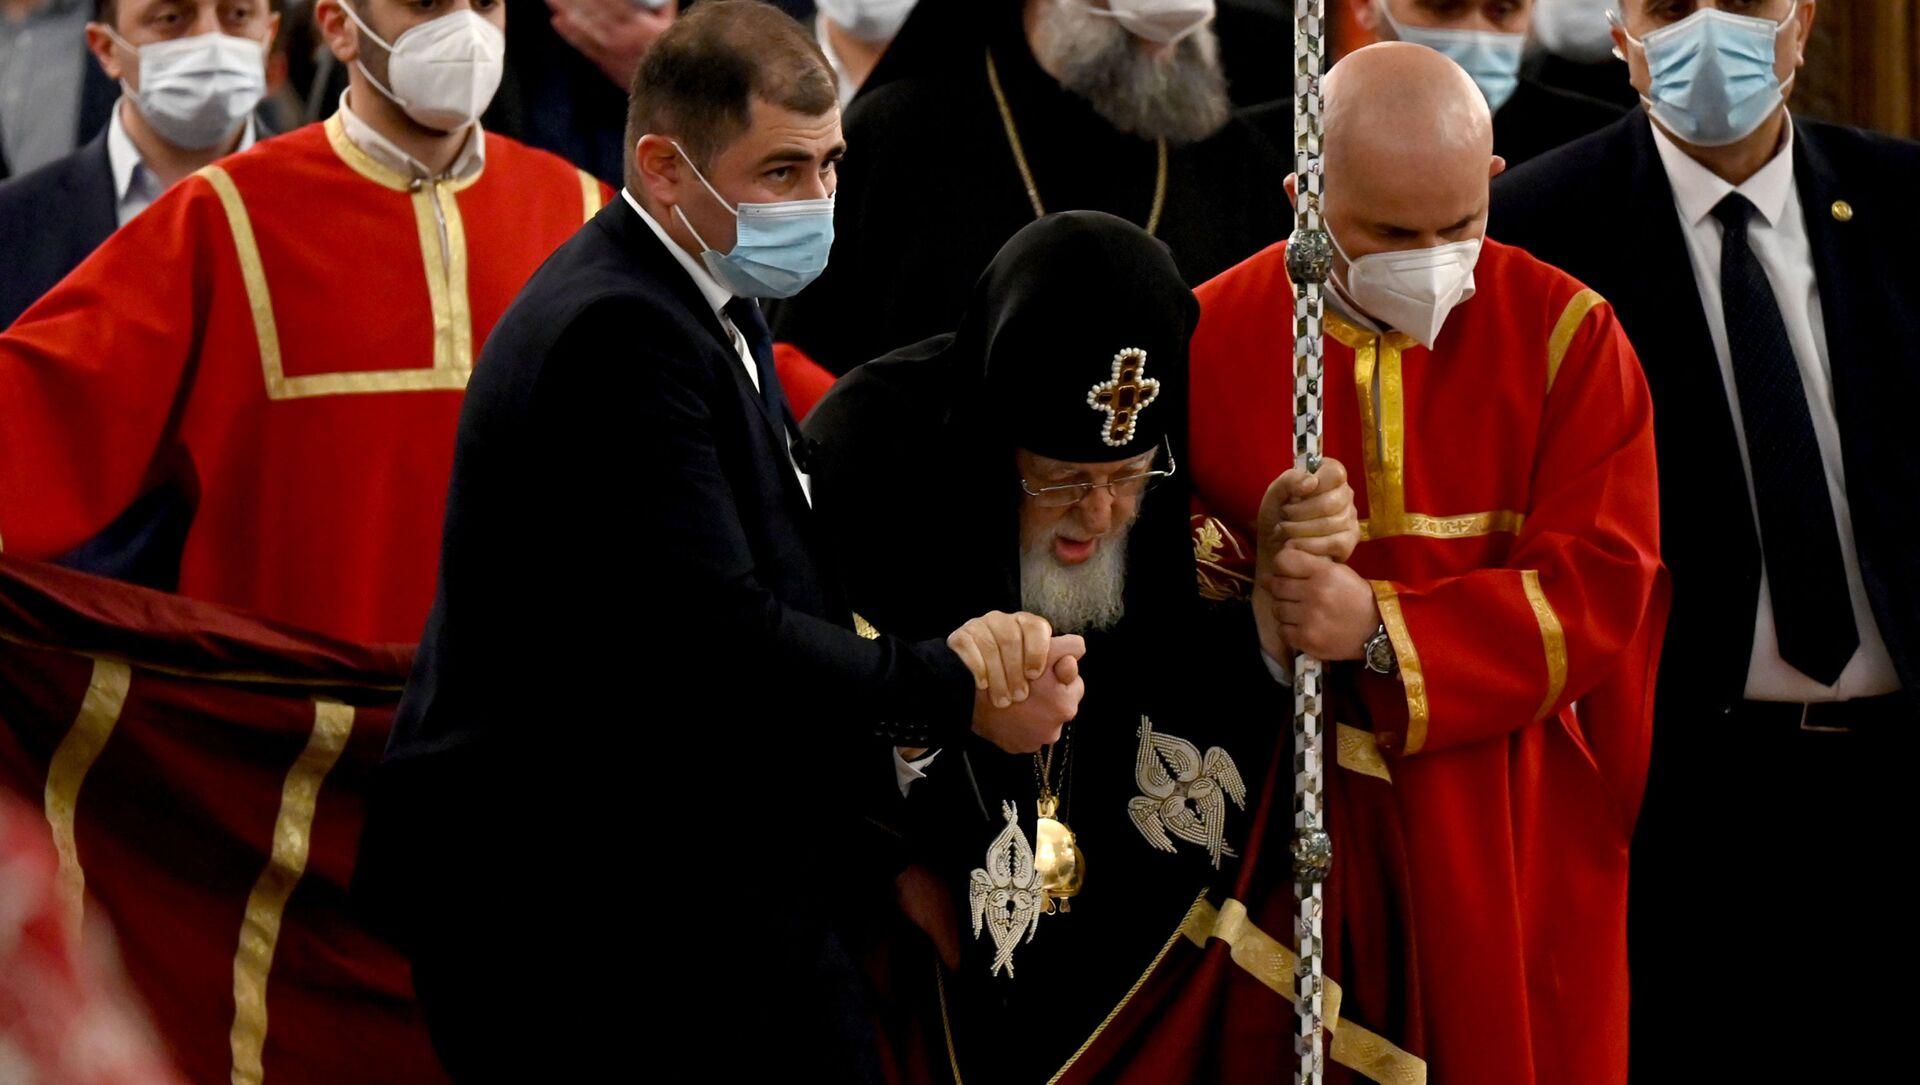 Католикос-Патриарх Всея Грузии Илия Второй. Празднование Пасхи 1 мая 2021 года - Sputnik Грузия, 1920, 02.05.2021